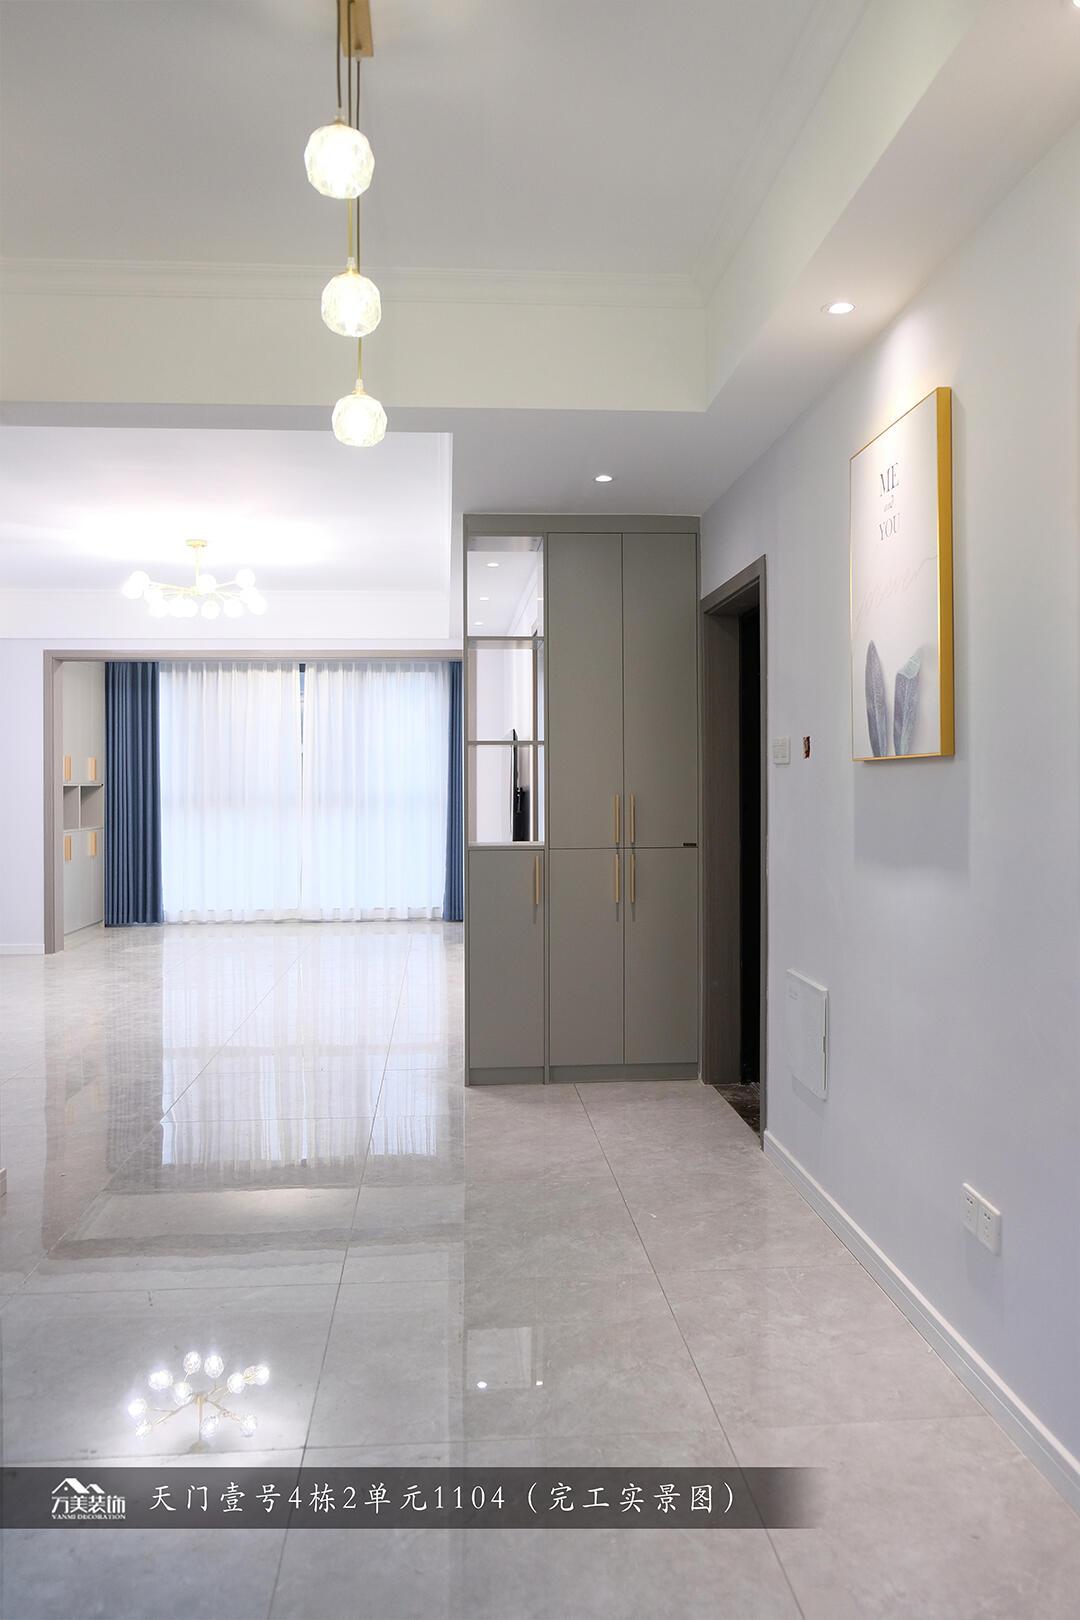 【家之美】第48期 | 115㎡現代風,簡潔明亮的空間,情趣舒適浪漫氣息。